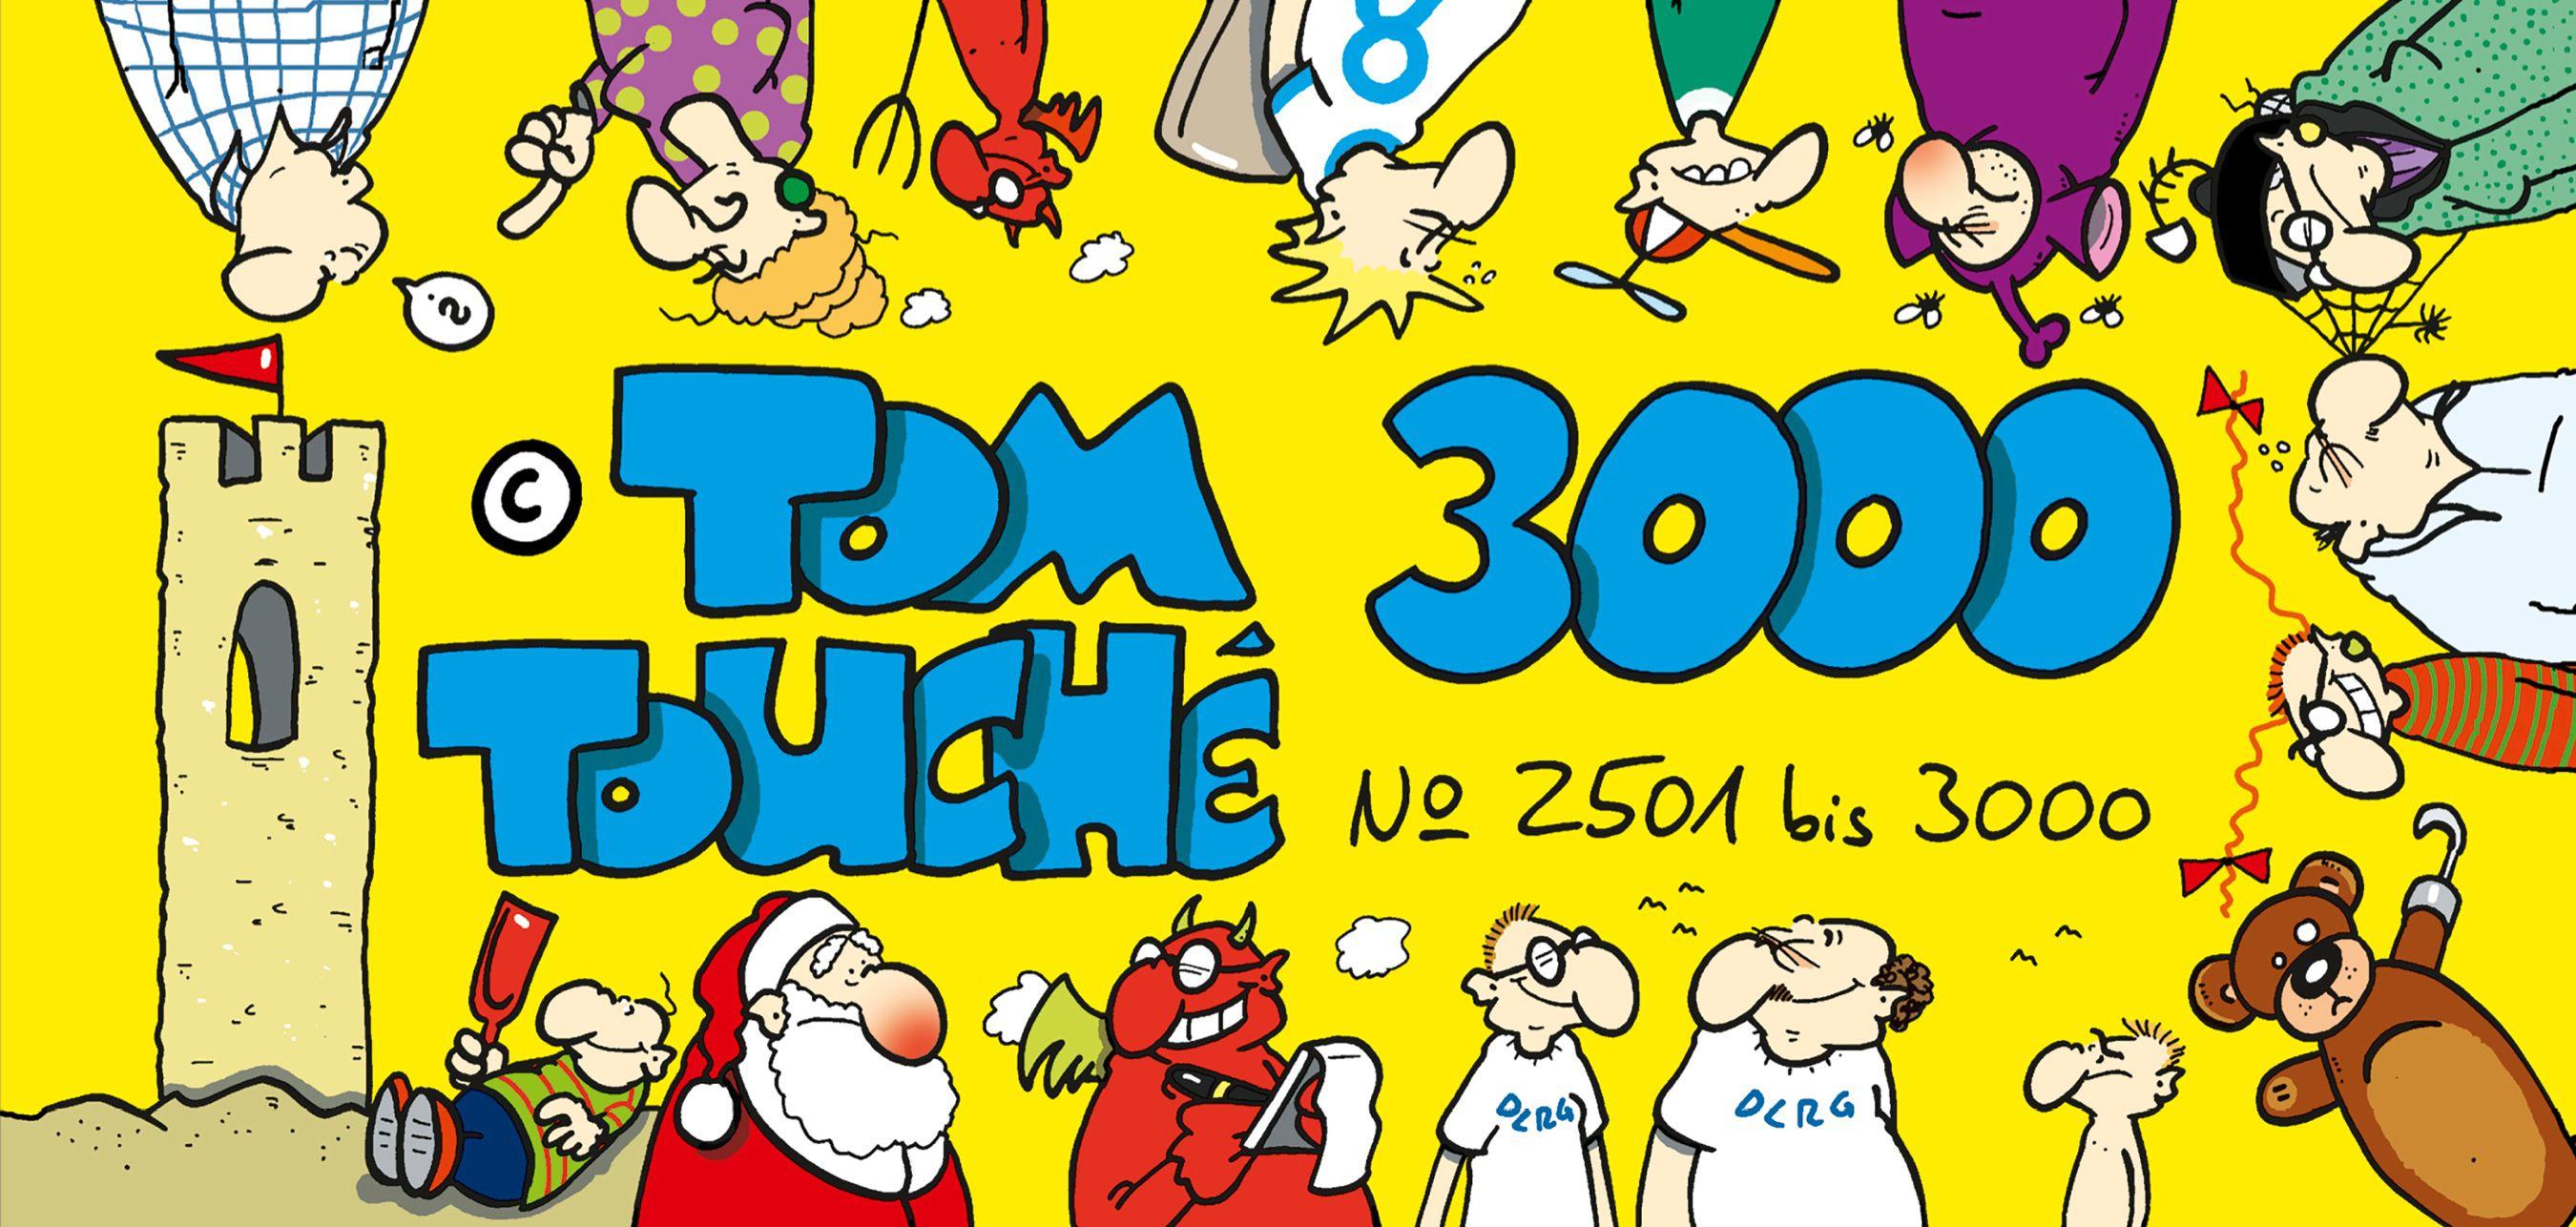 Tom Touché 3000